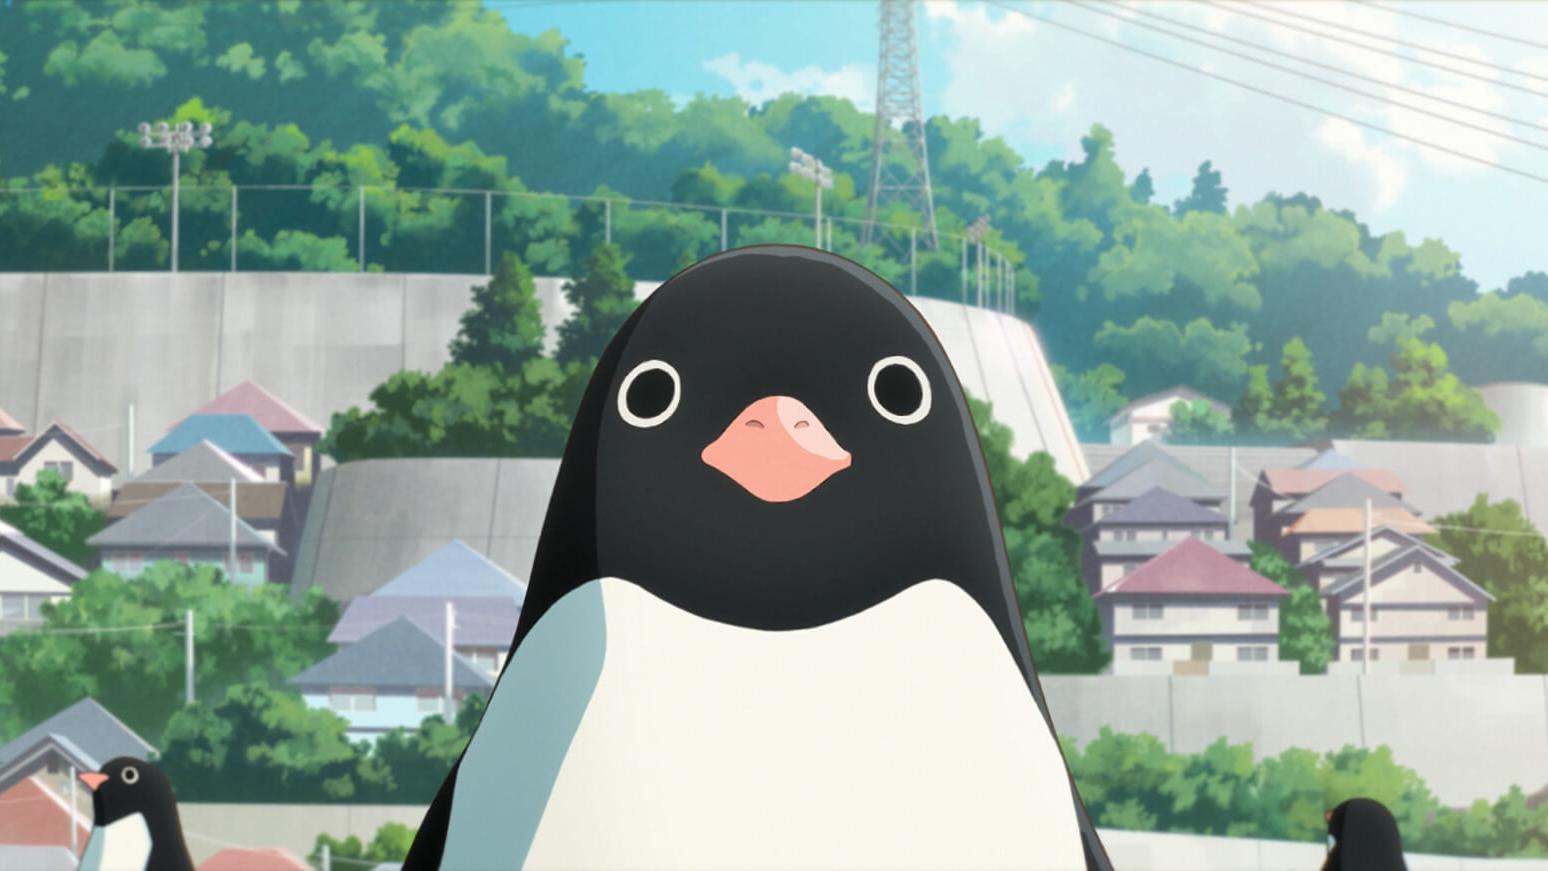 苍井优配音,企鹅成队,《企鹅公路》脑洞真大!